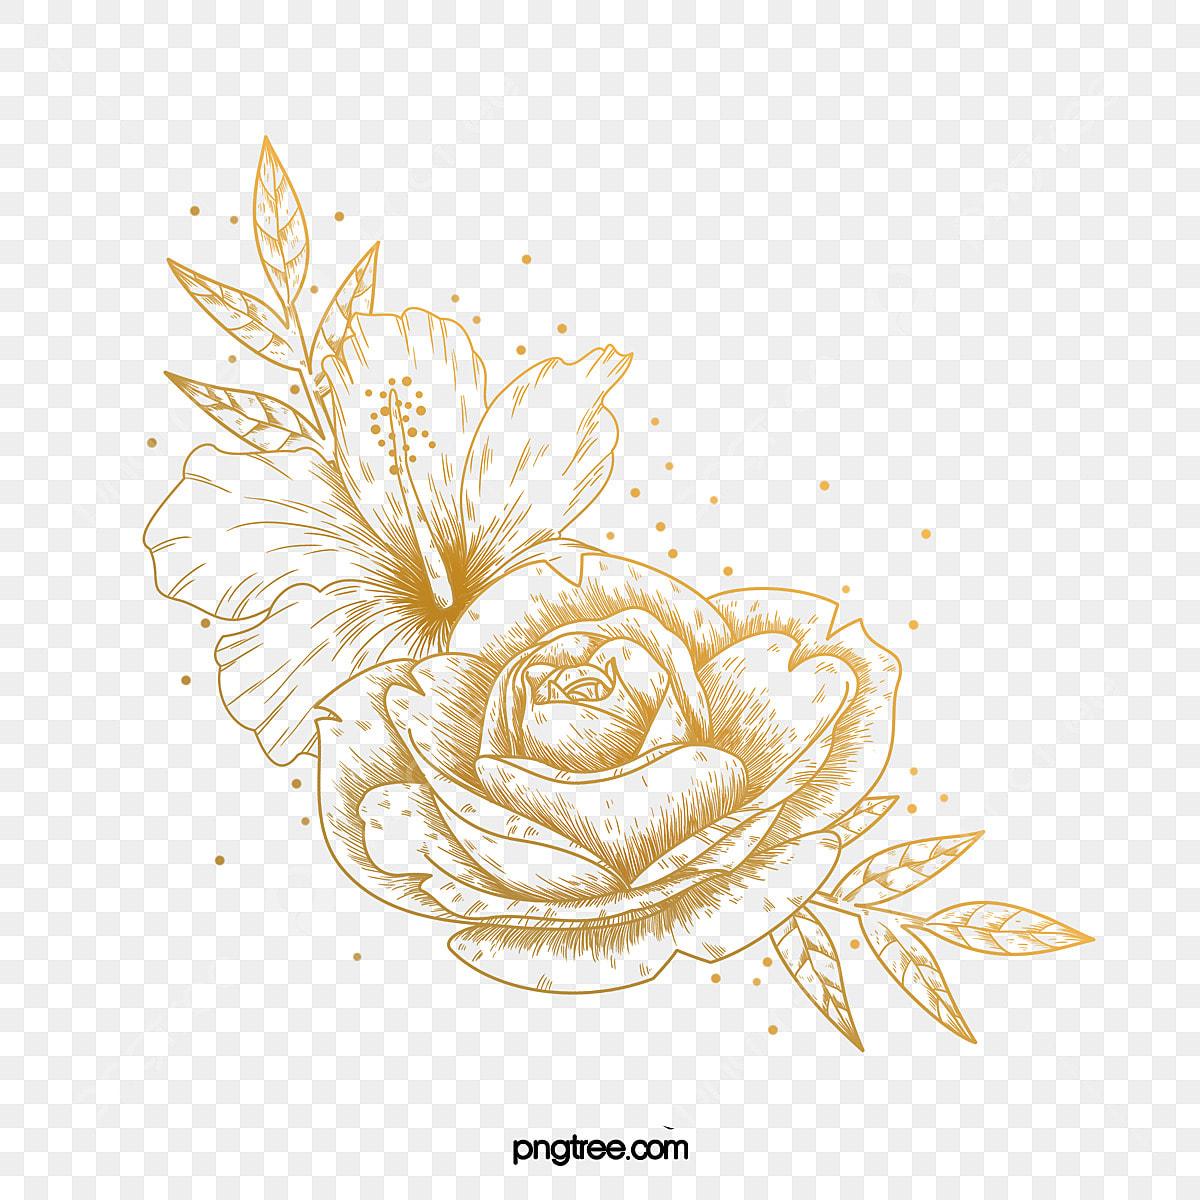 زهرة الخط الذهبي مرسومة باليد الزهور والنباتات ذهبي خط Png وملف Psd للتحميل مجانا